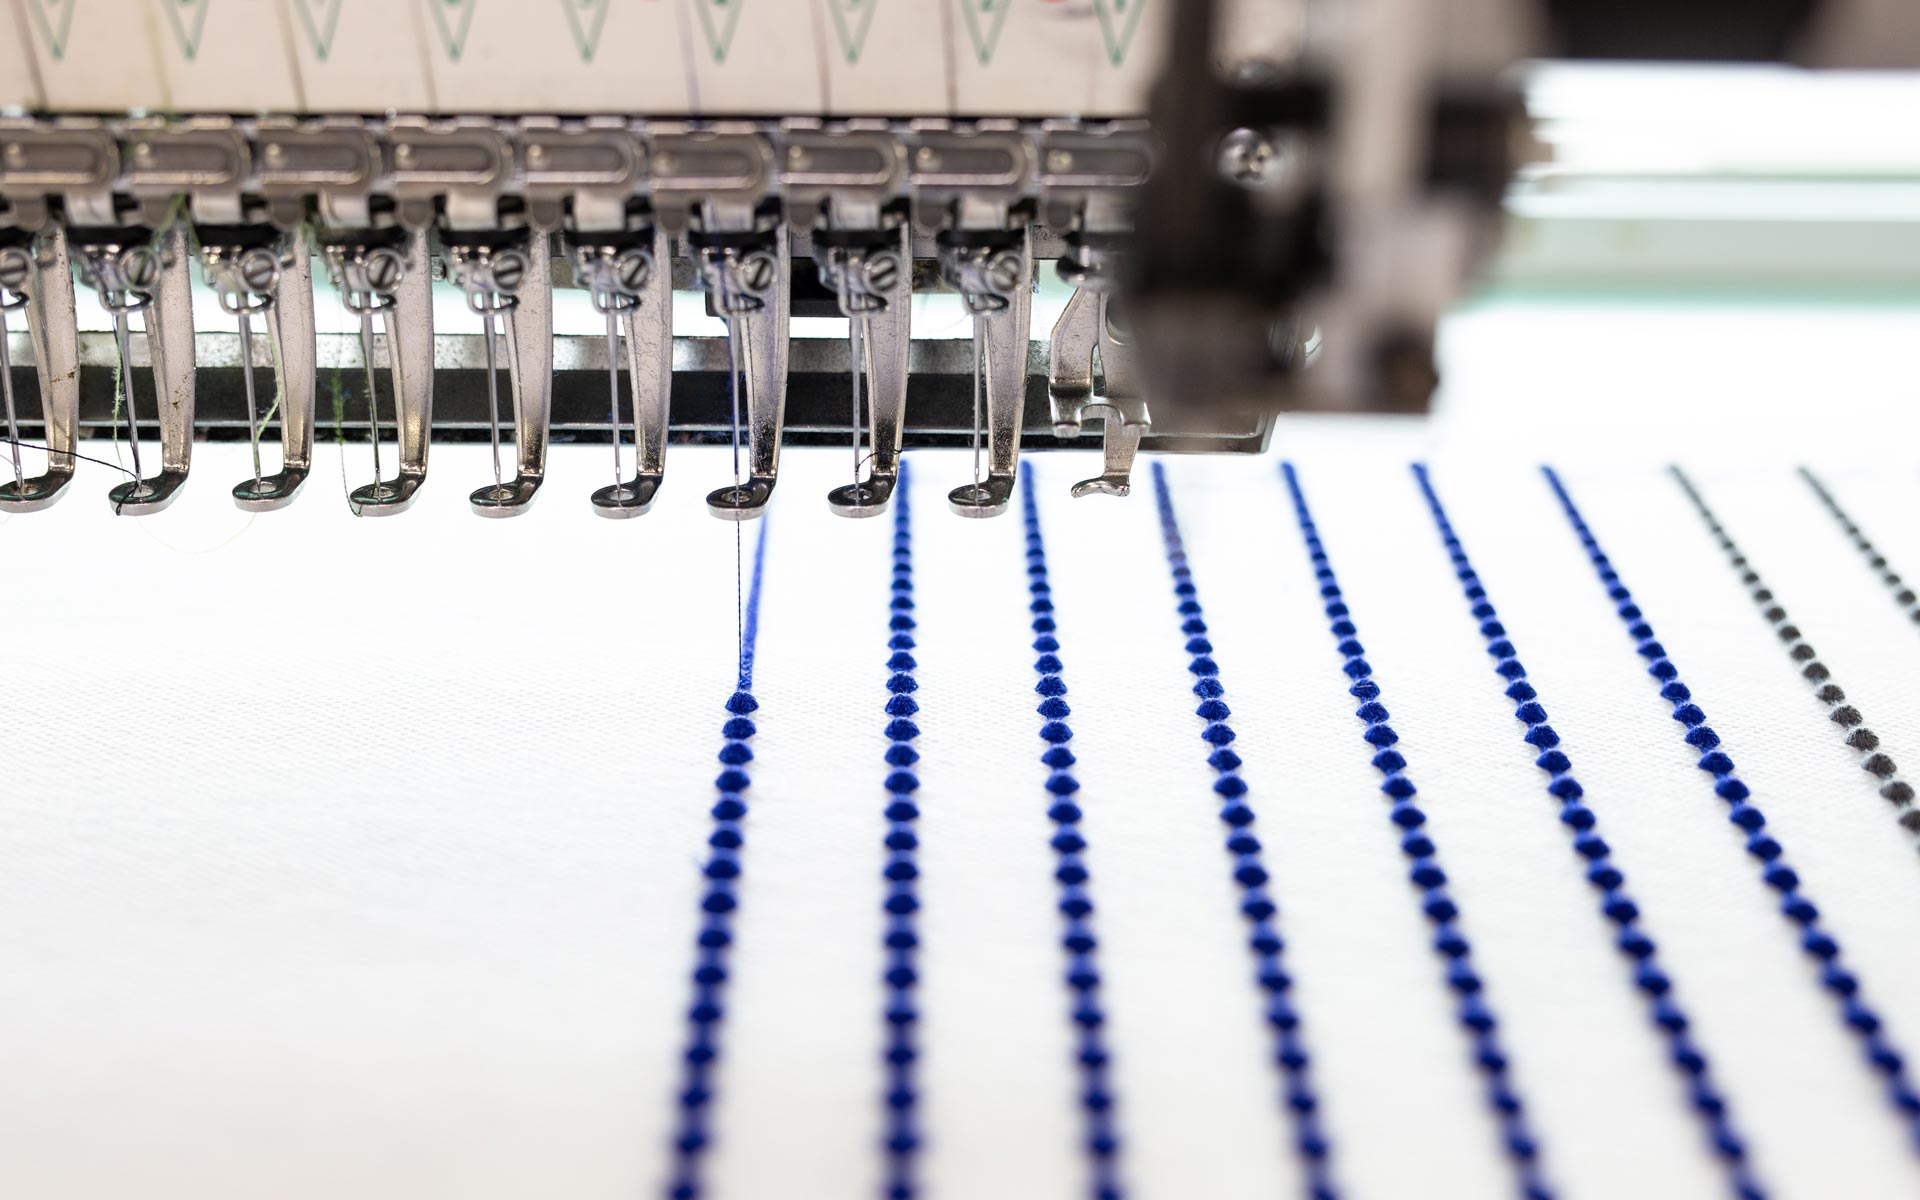 空気のように軽い「000」のアクセサリーを生み出す刺繍工房の内部を見学